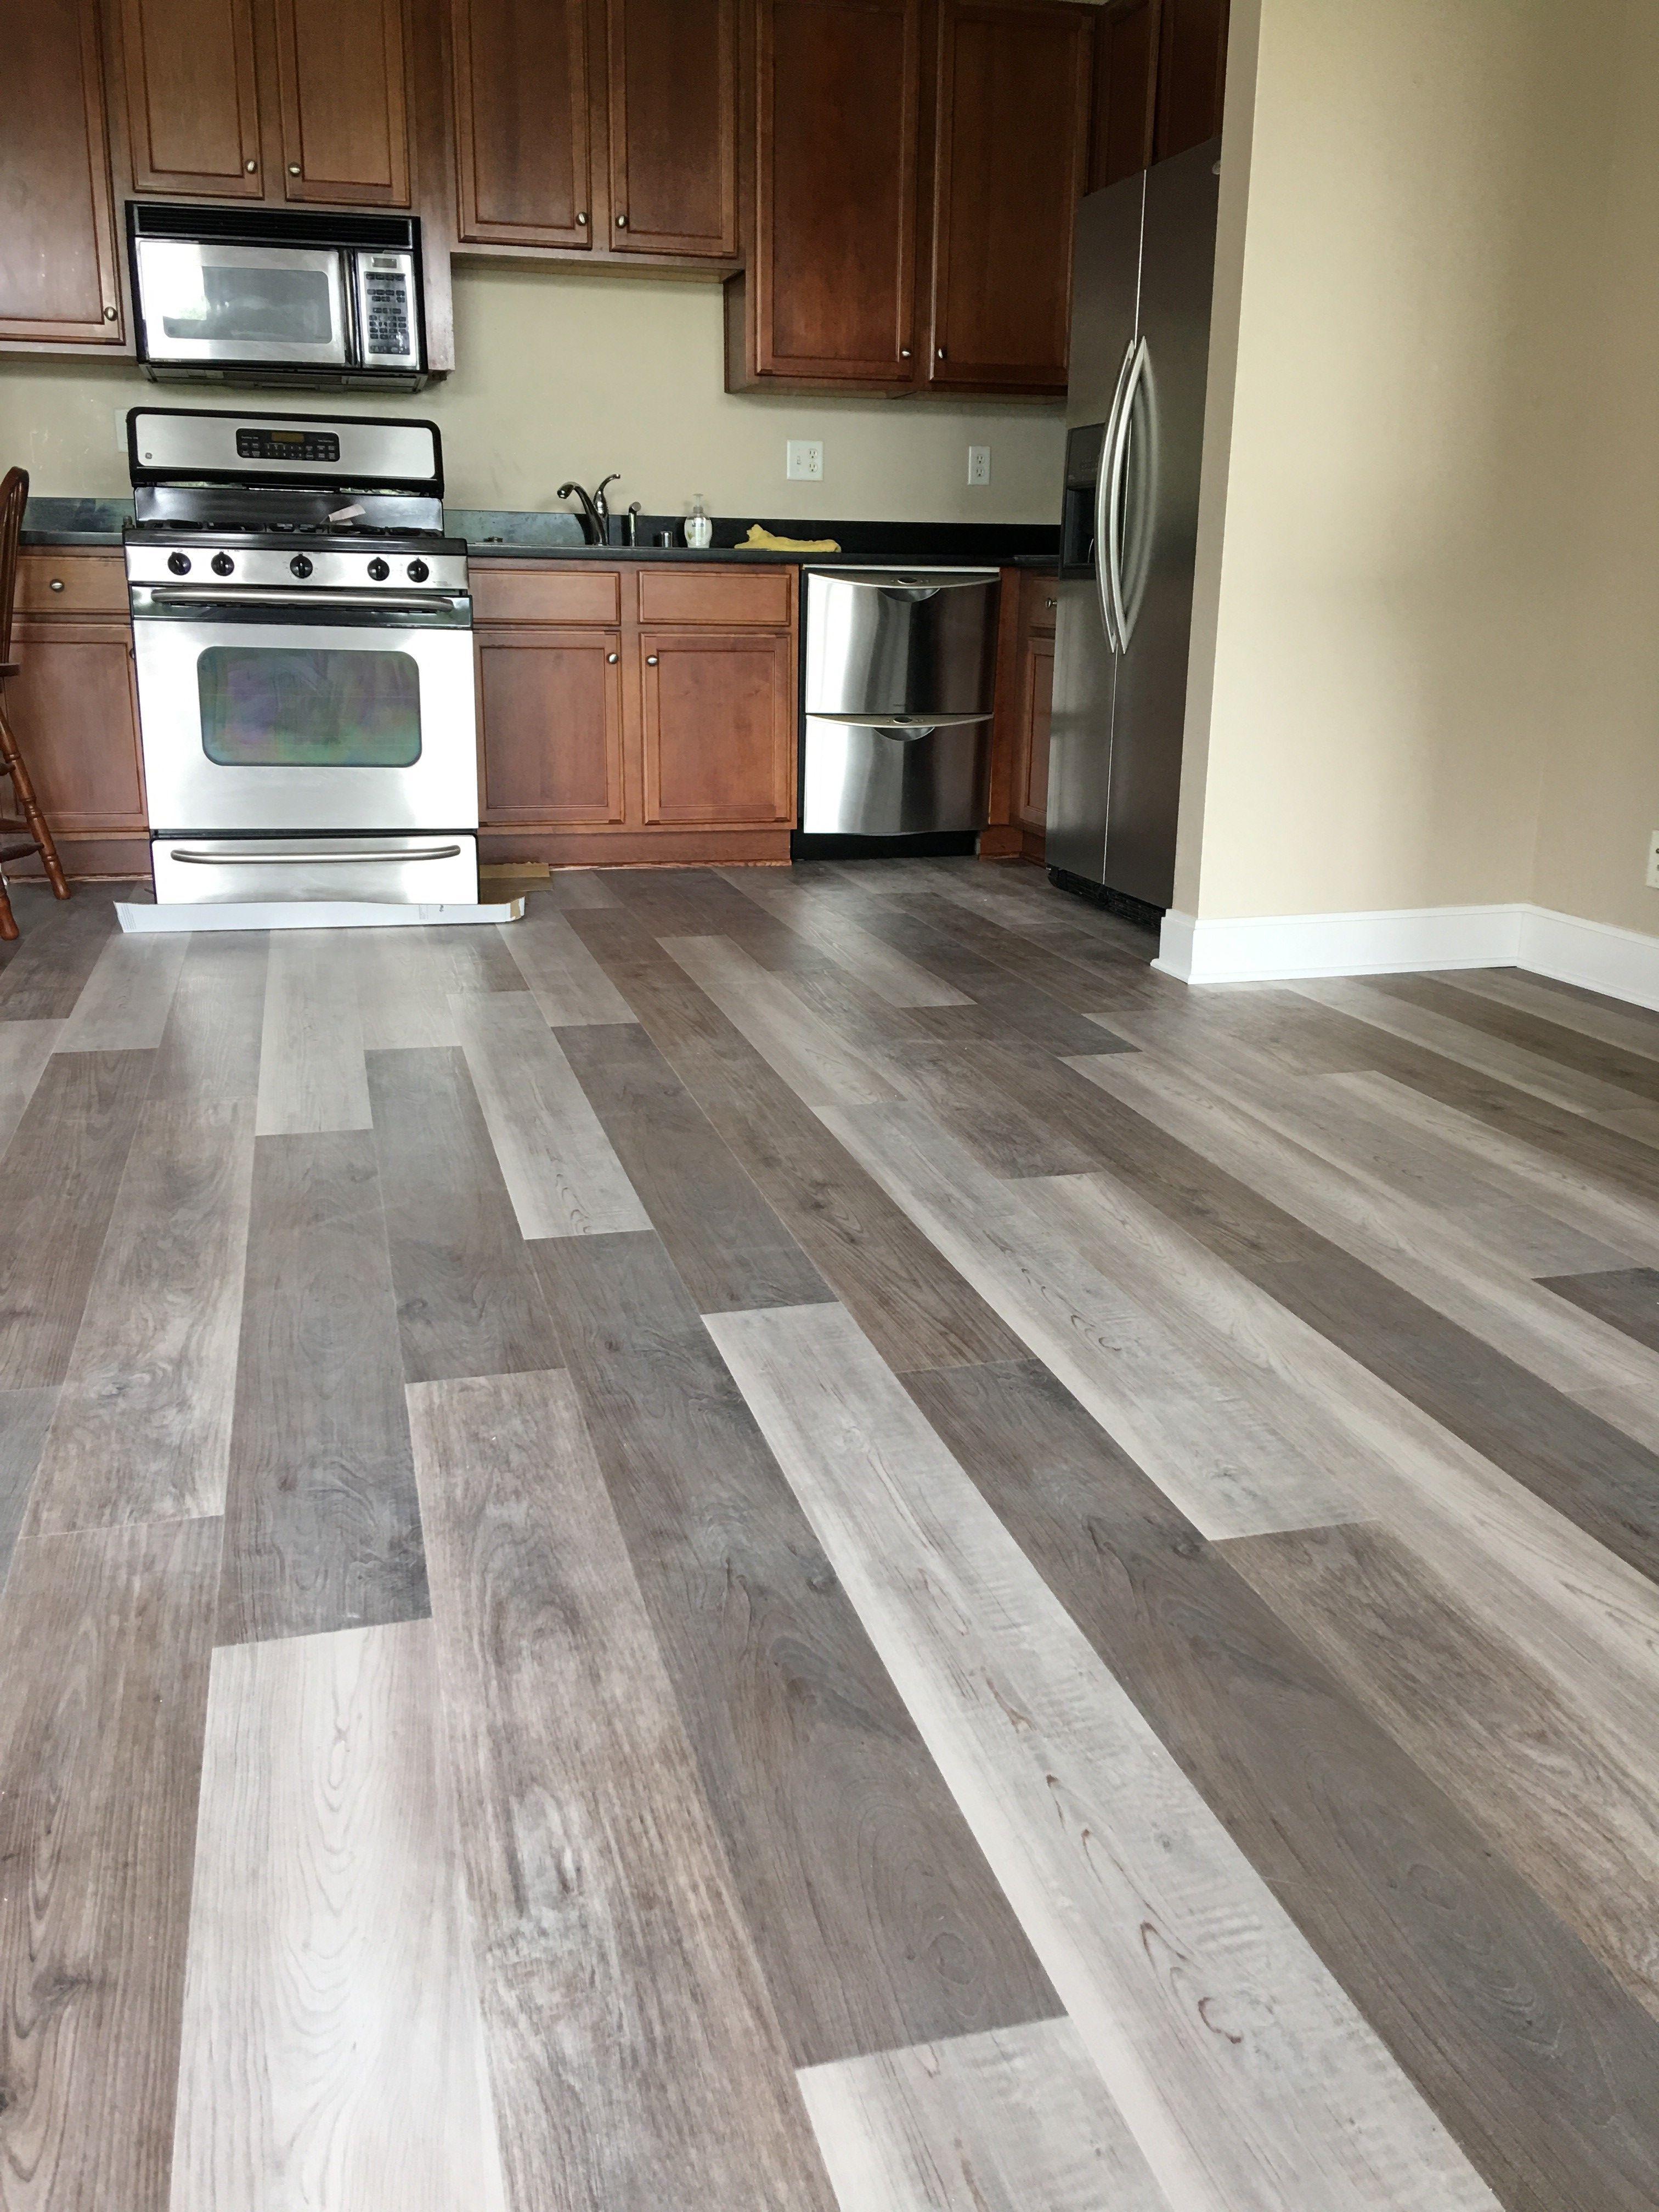 Louisville Hardwood Flooring Store Laminate Floors Waterproof Luxury Vinyl Flooring Carpet Carpet Mart Vinyl Flooring Laminate Hardwood Flooring Luxury Vinyl Flooring